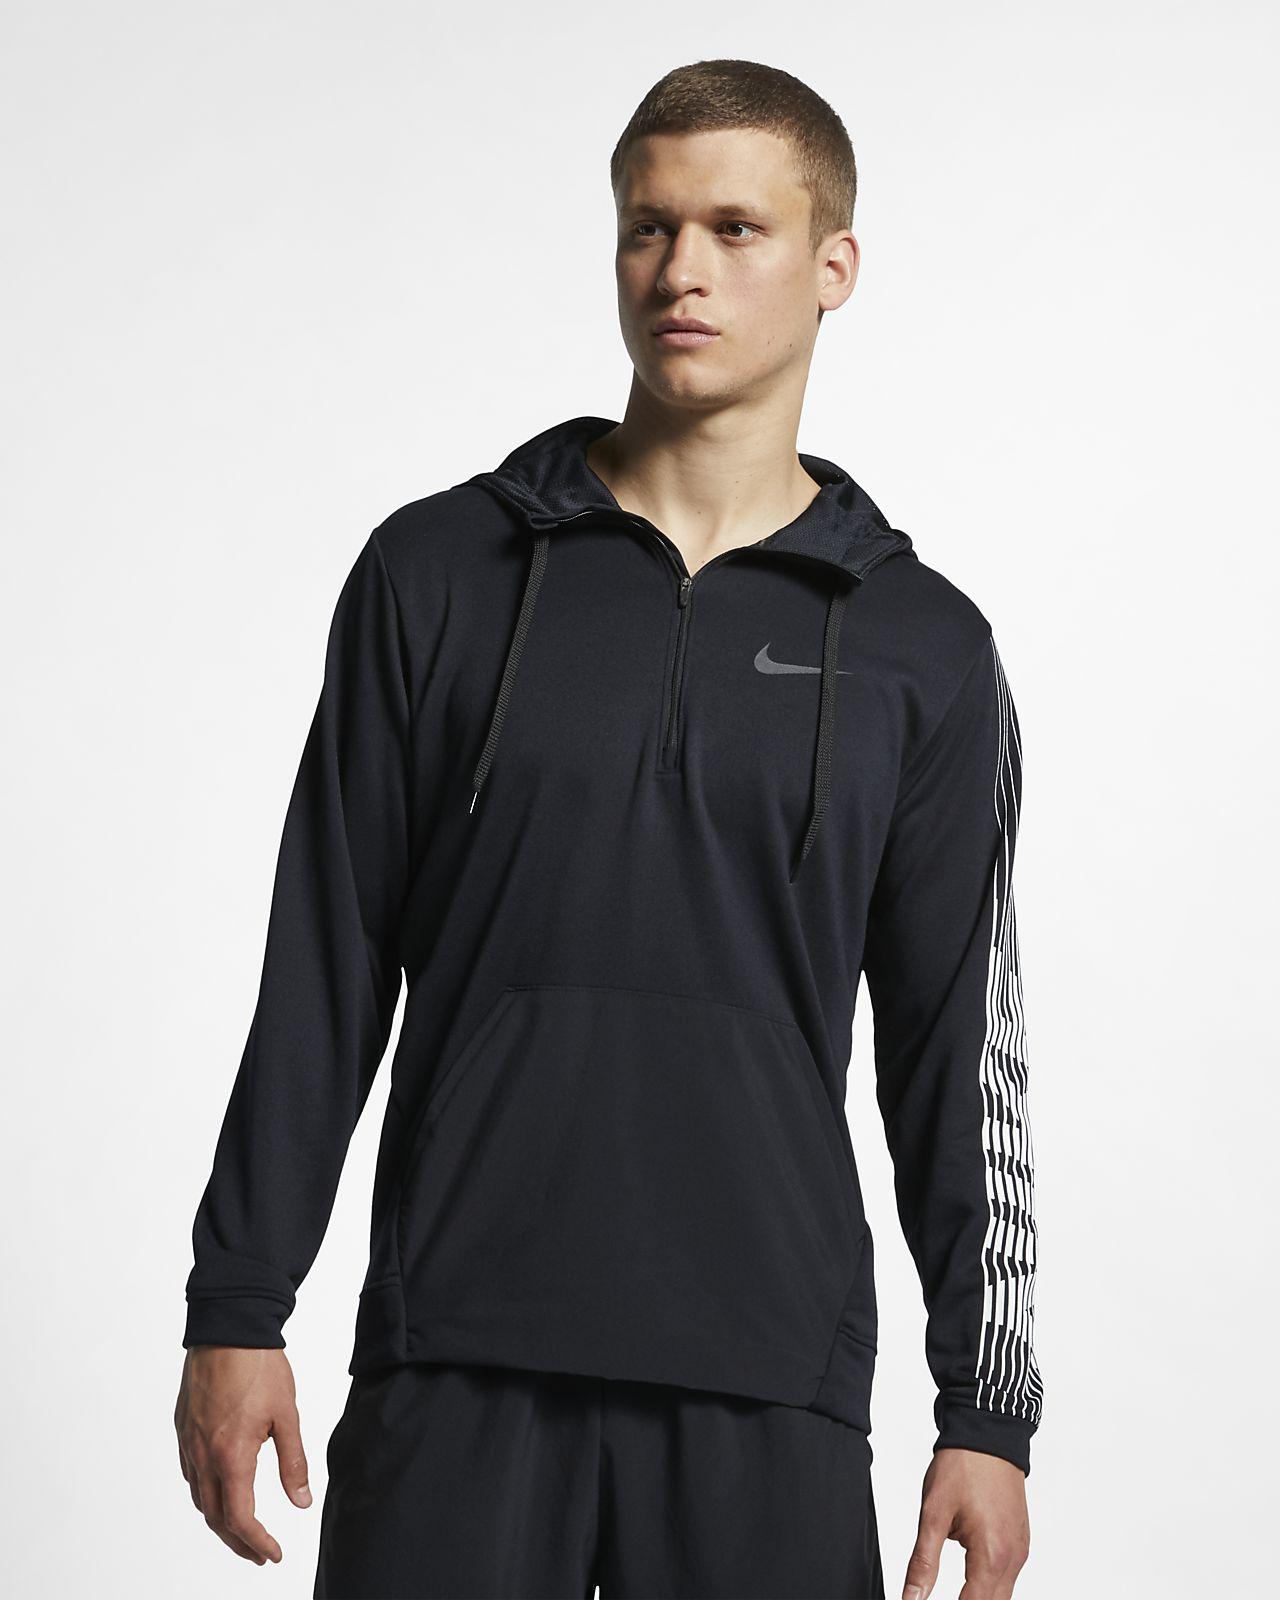 Ανδρική φλις μπλούζα προπόνησης με κουκούλα Nike Dri-FIT